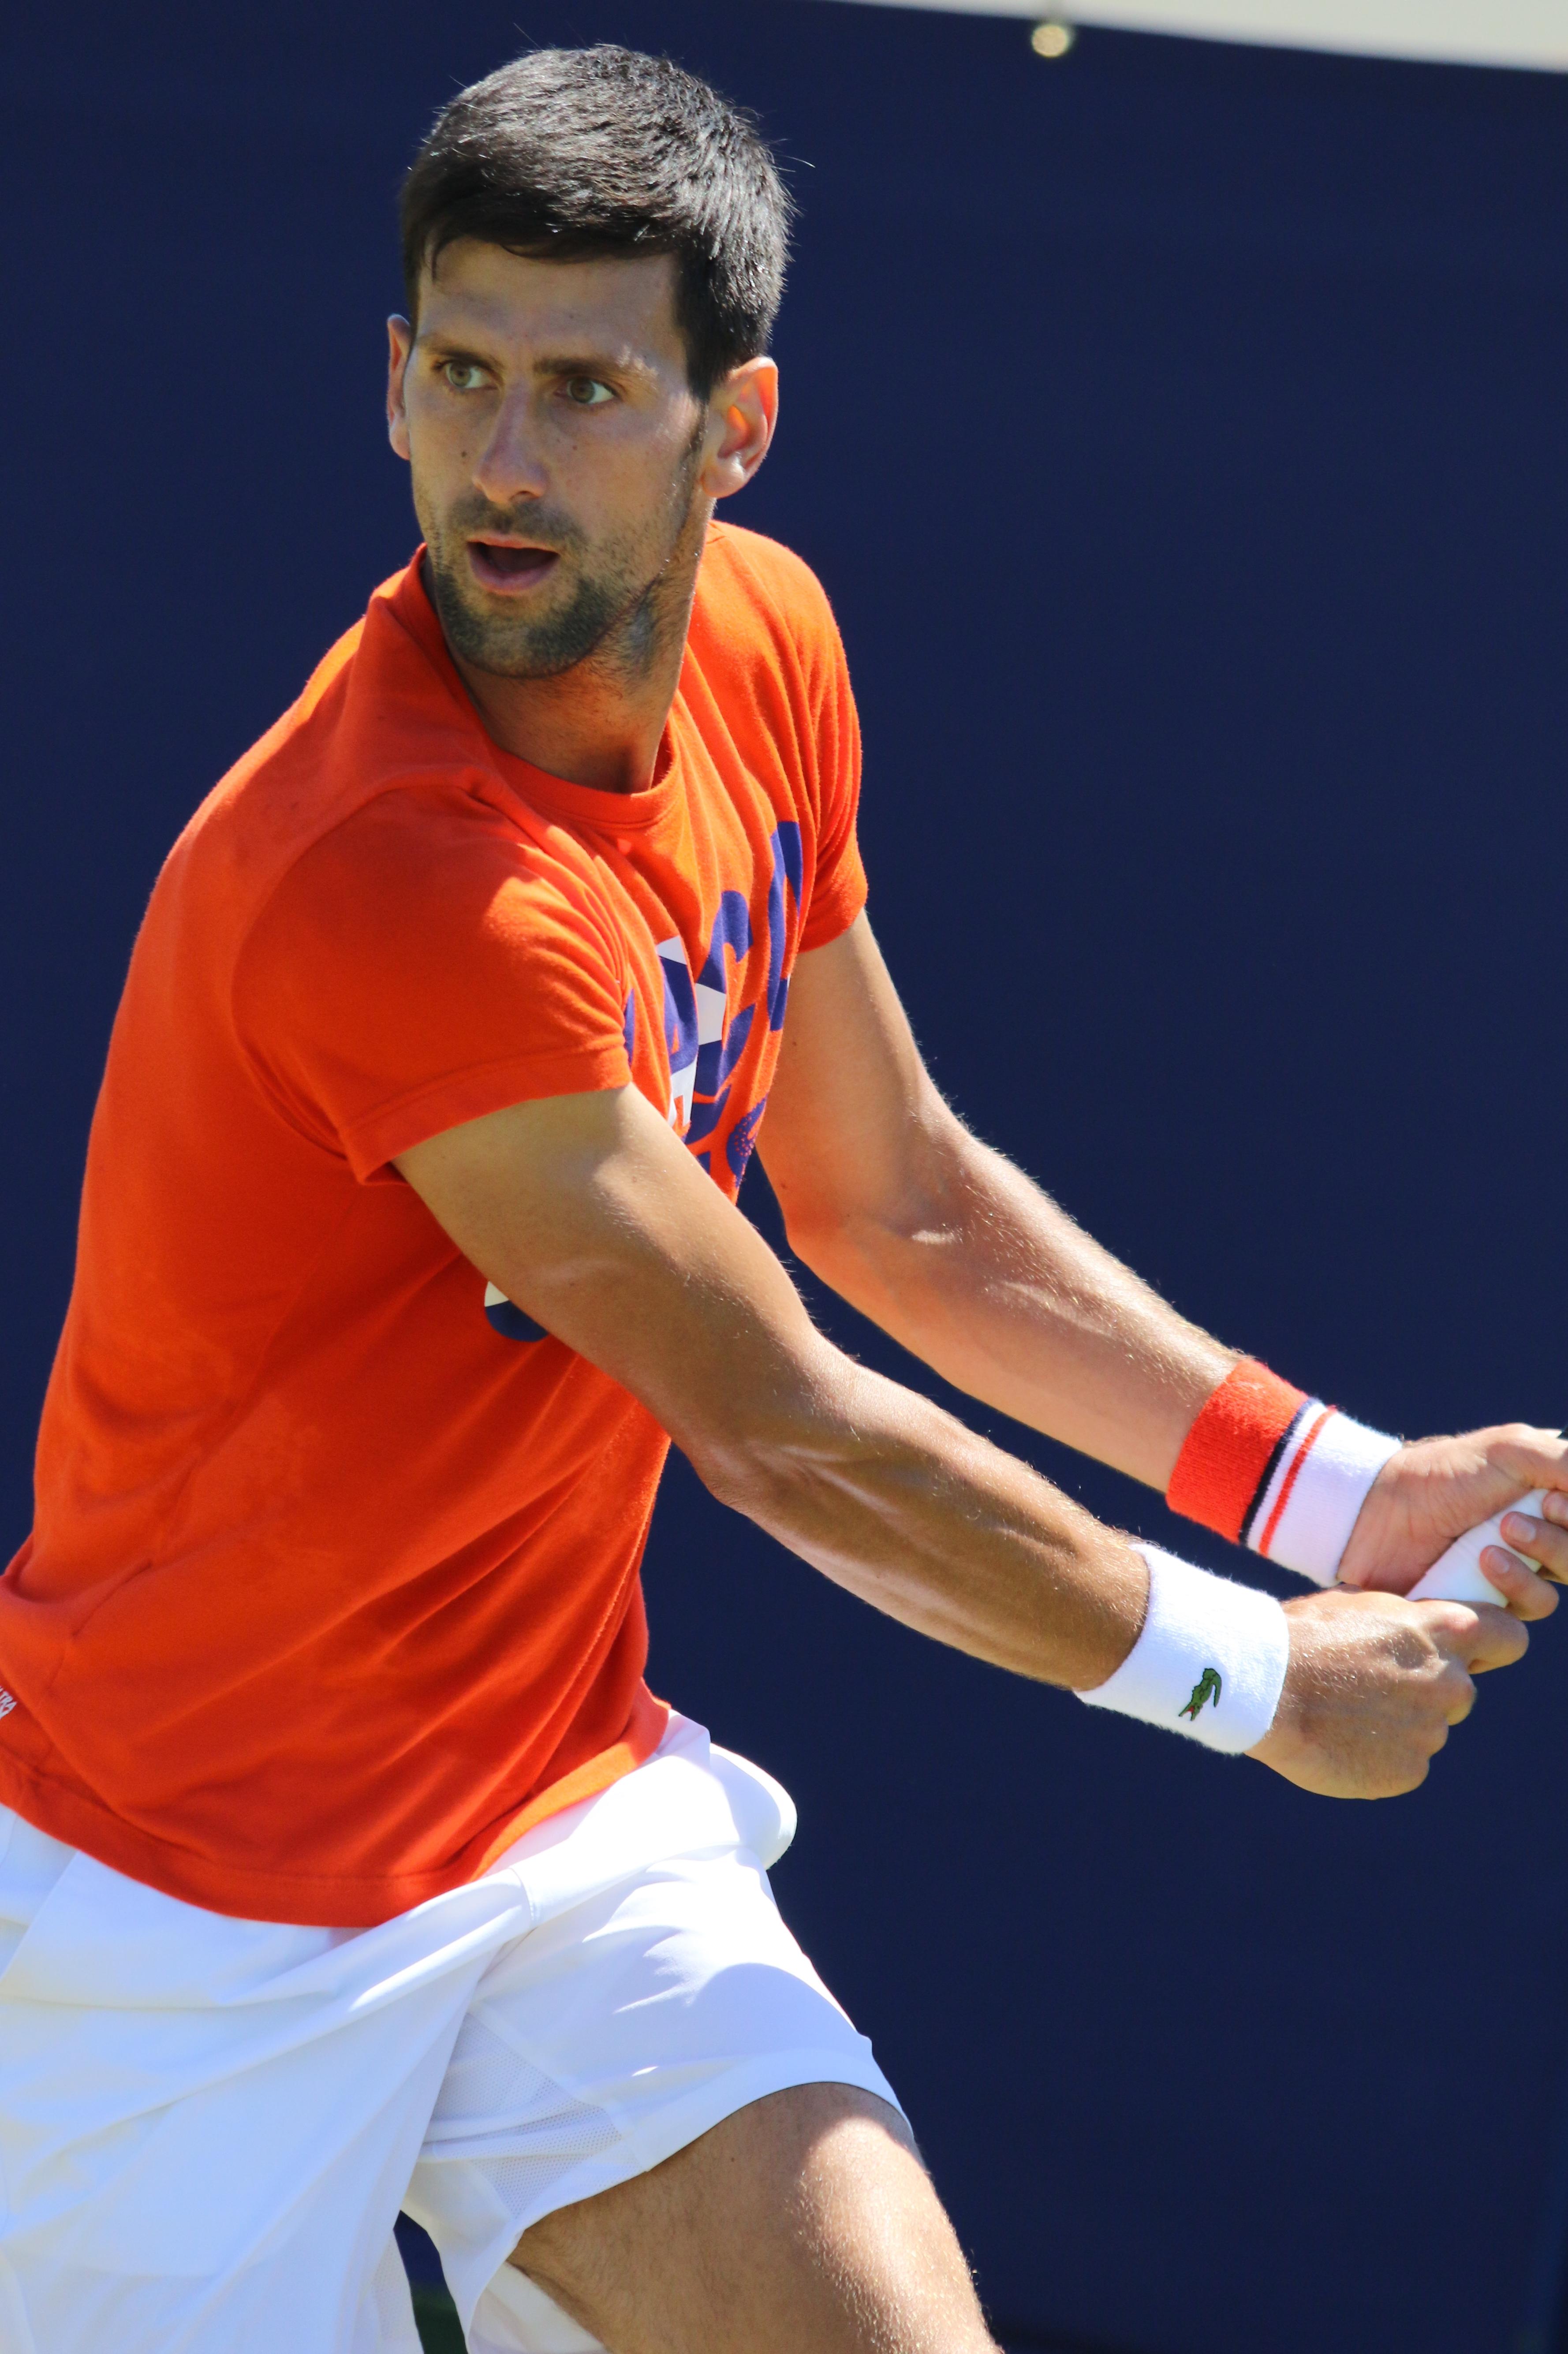 Le scarpe di Djokovic Il Tennis italiano